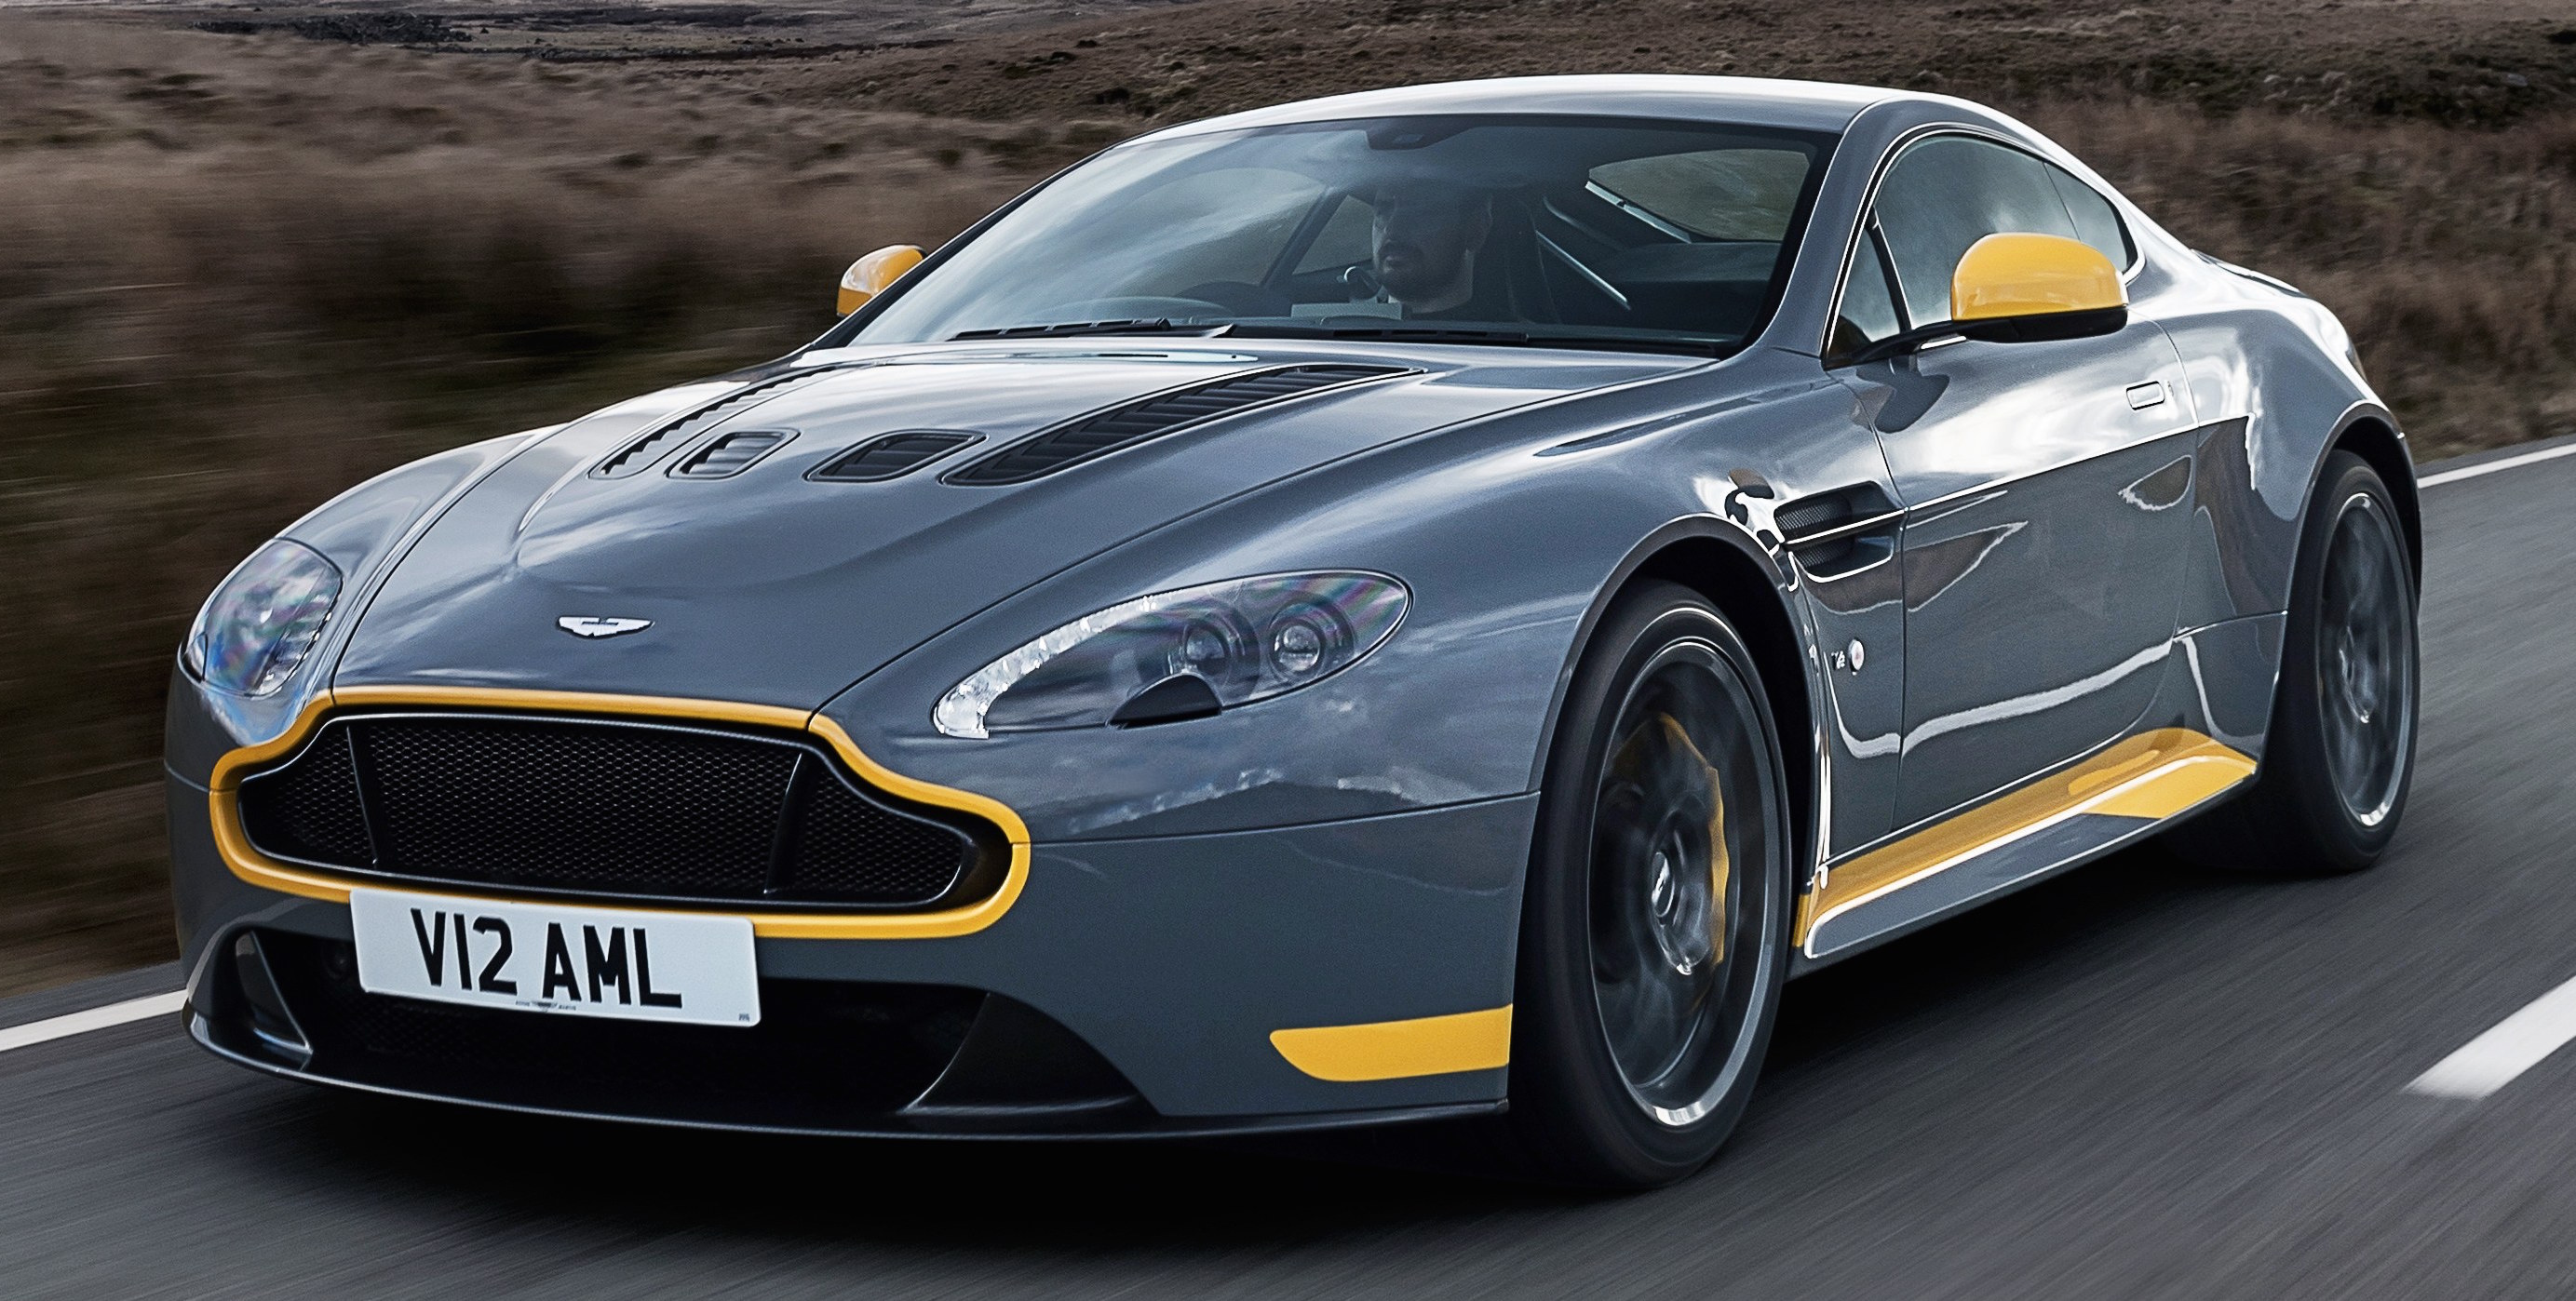 Aston martin emblem ingilizceegzersiz